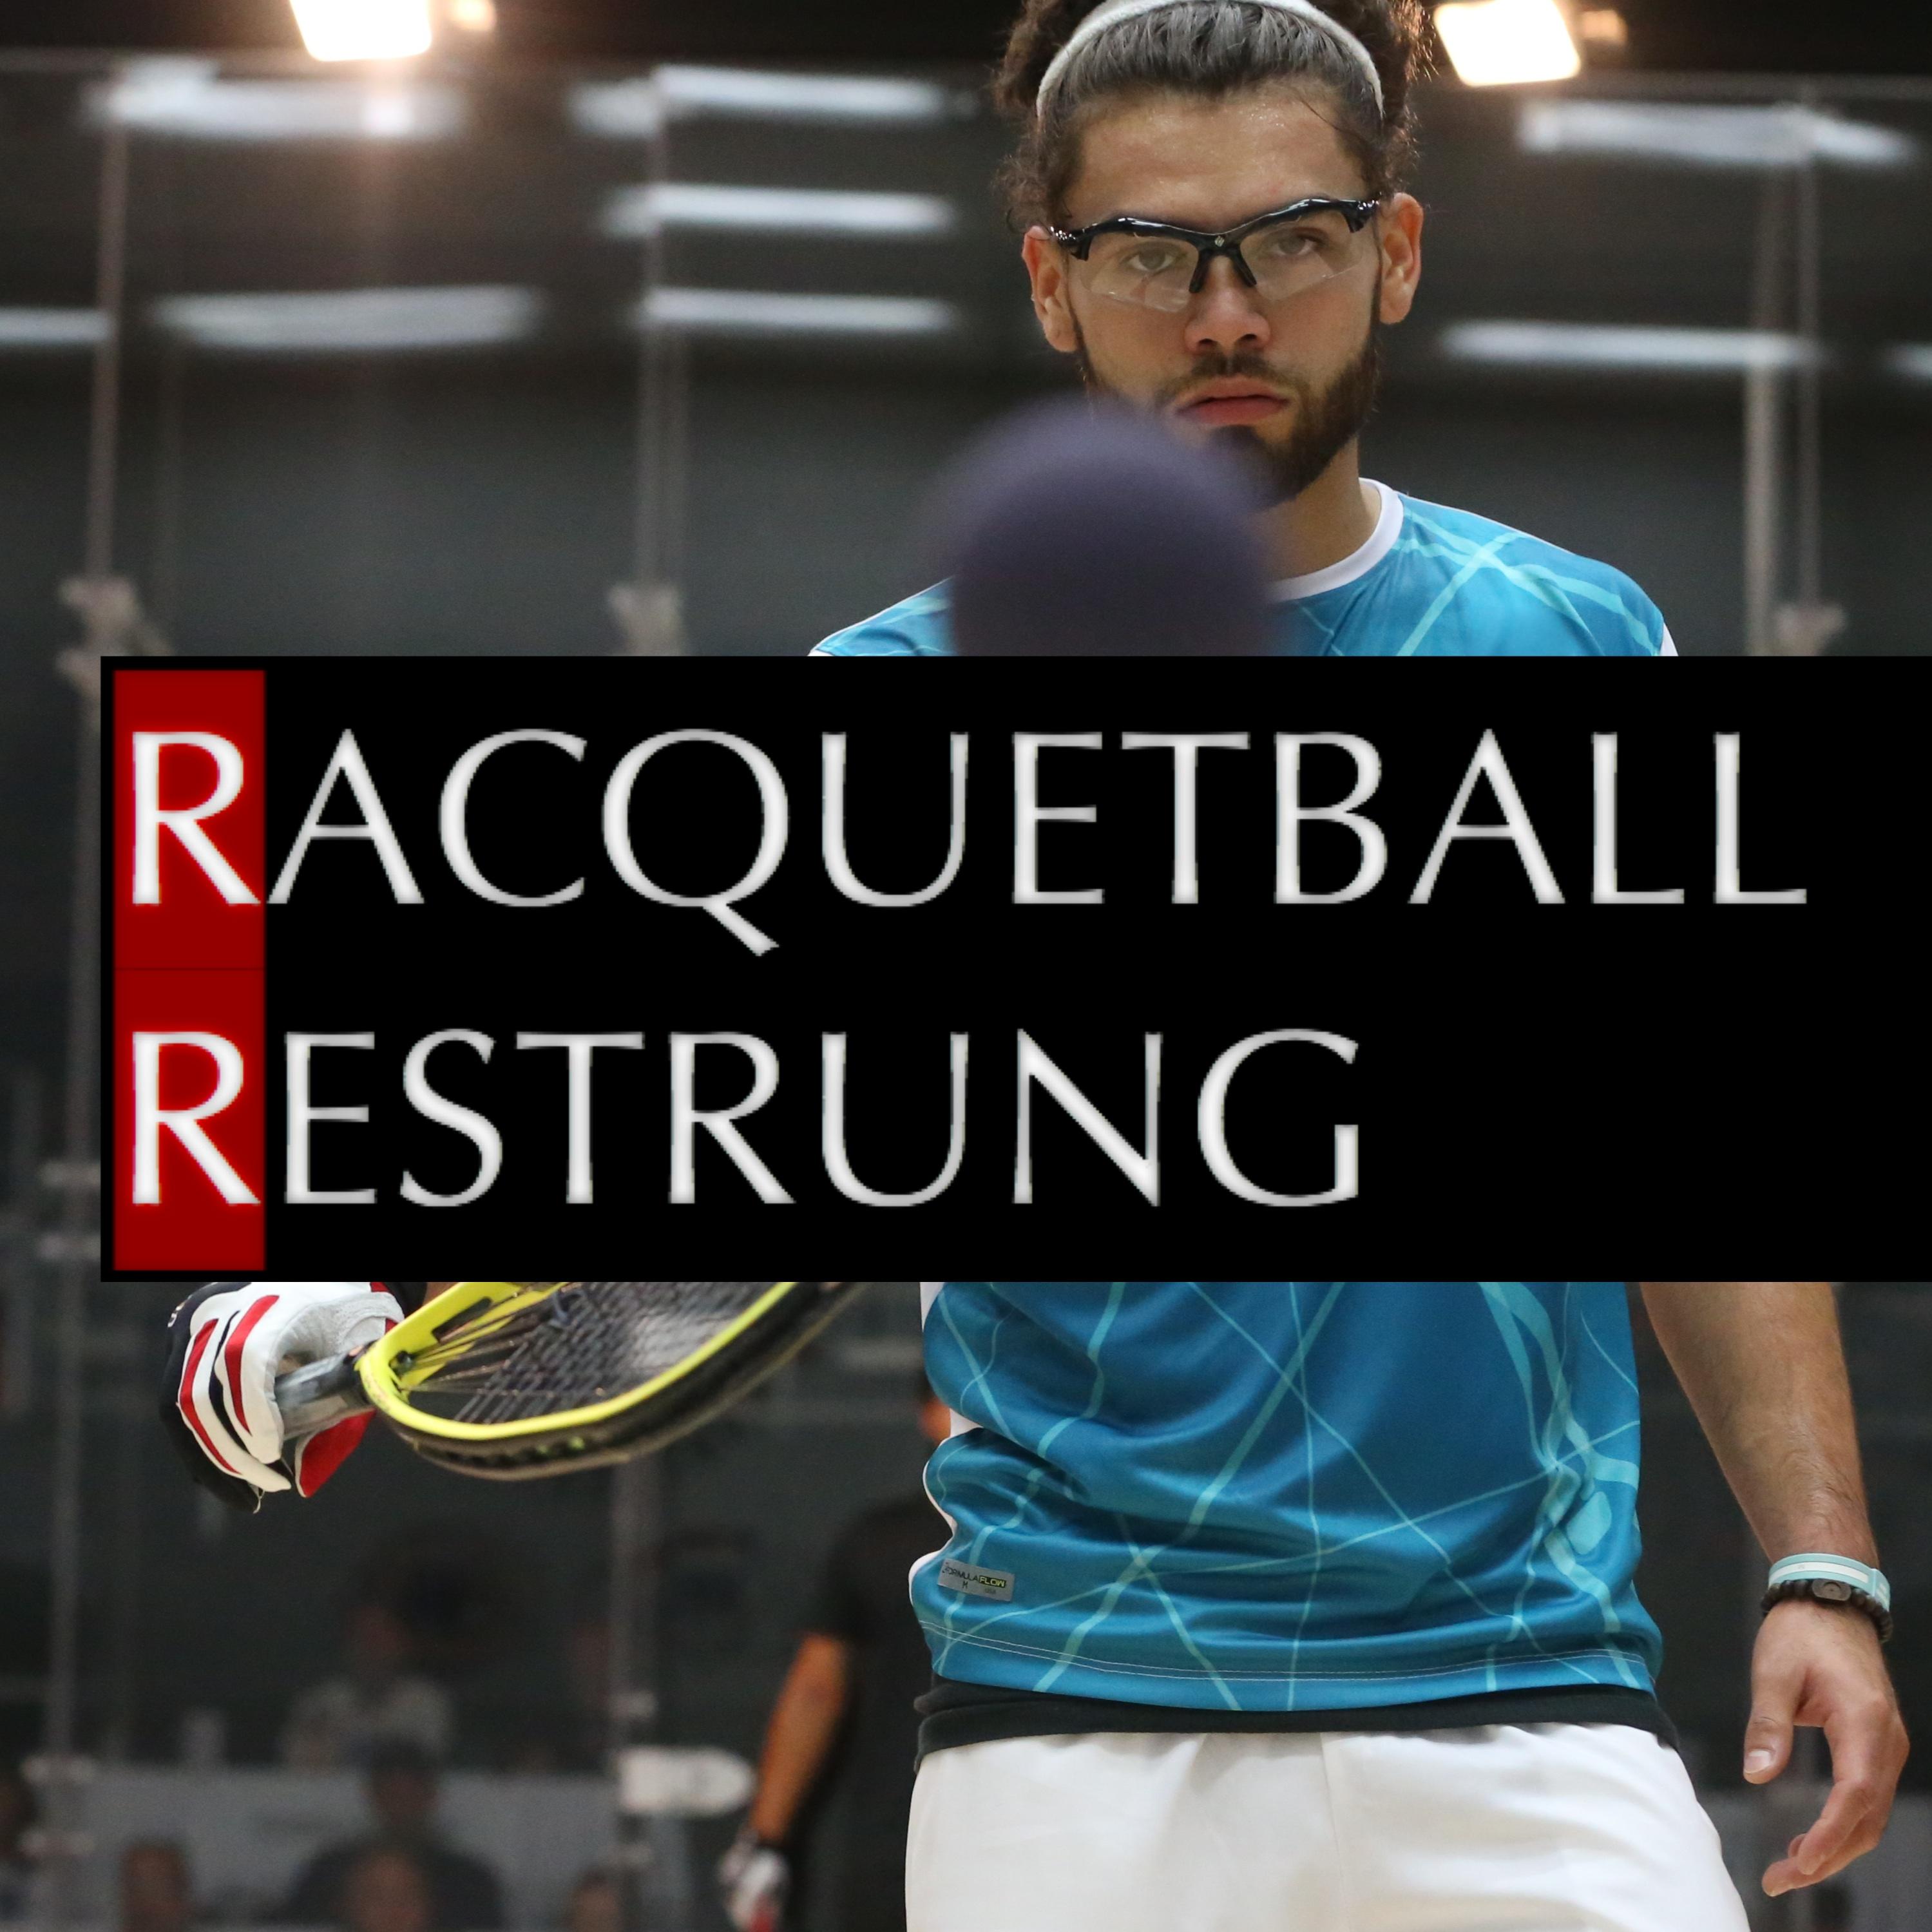 Racquetball Restrung